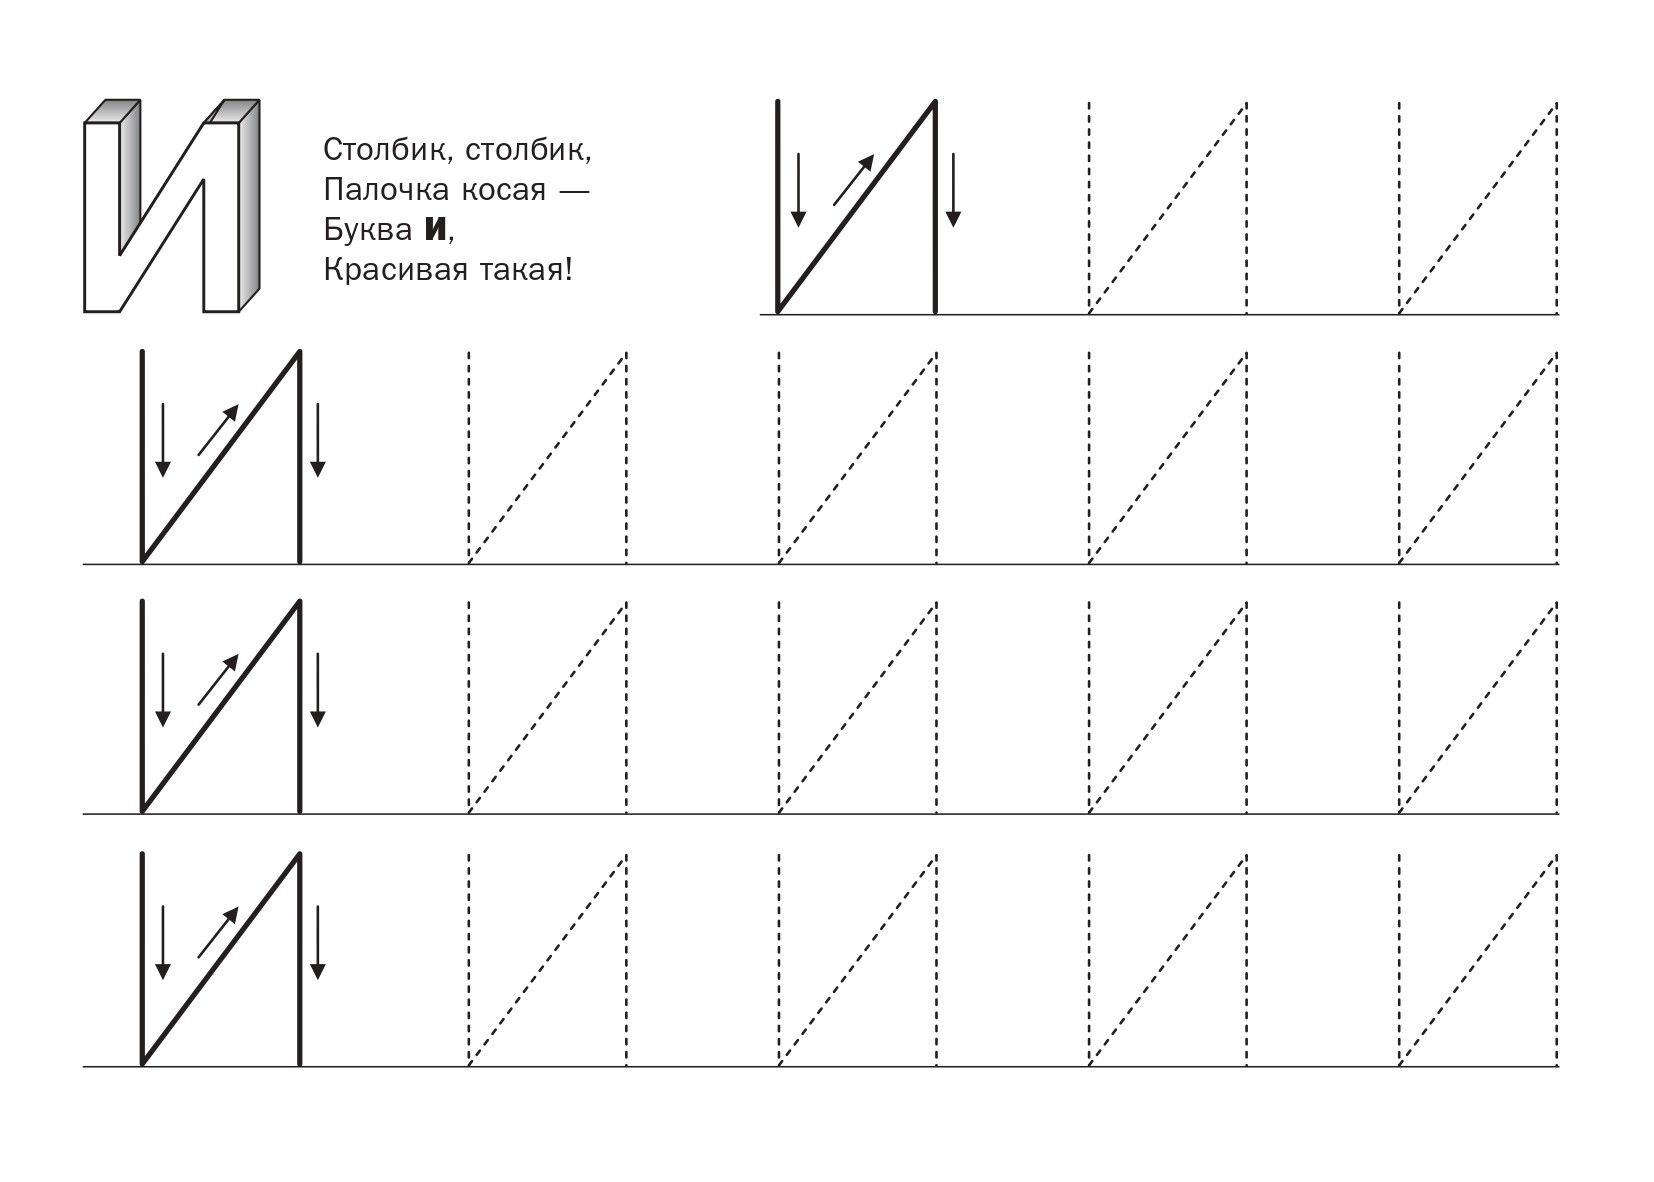 Zadaniya Dlya Podgotovki Detej K Shkole Analogij Net Tracing Worksheets Preschool Tracing Worksheets Preschool Worksheets